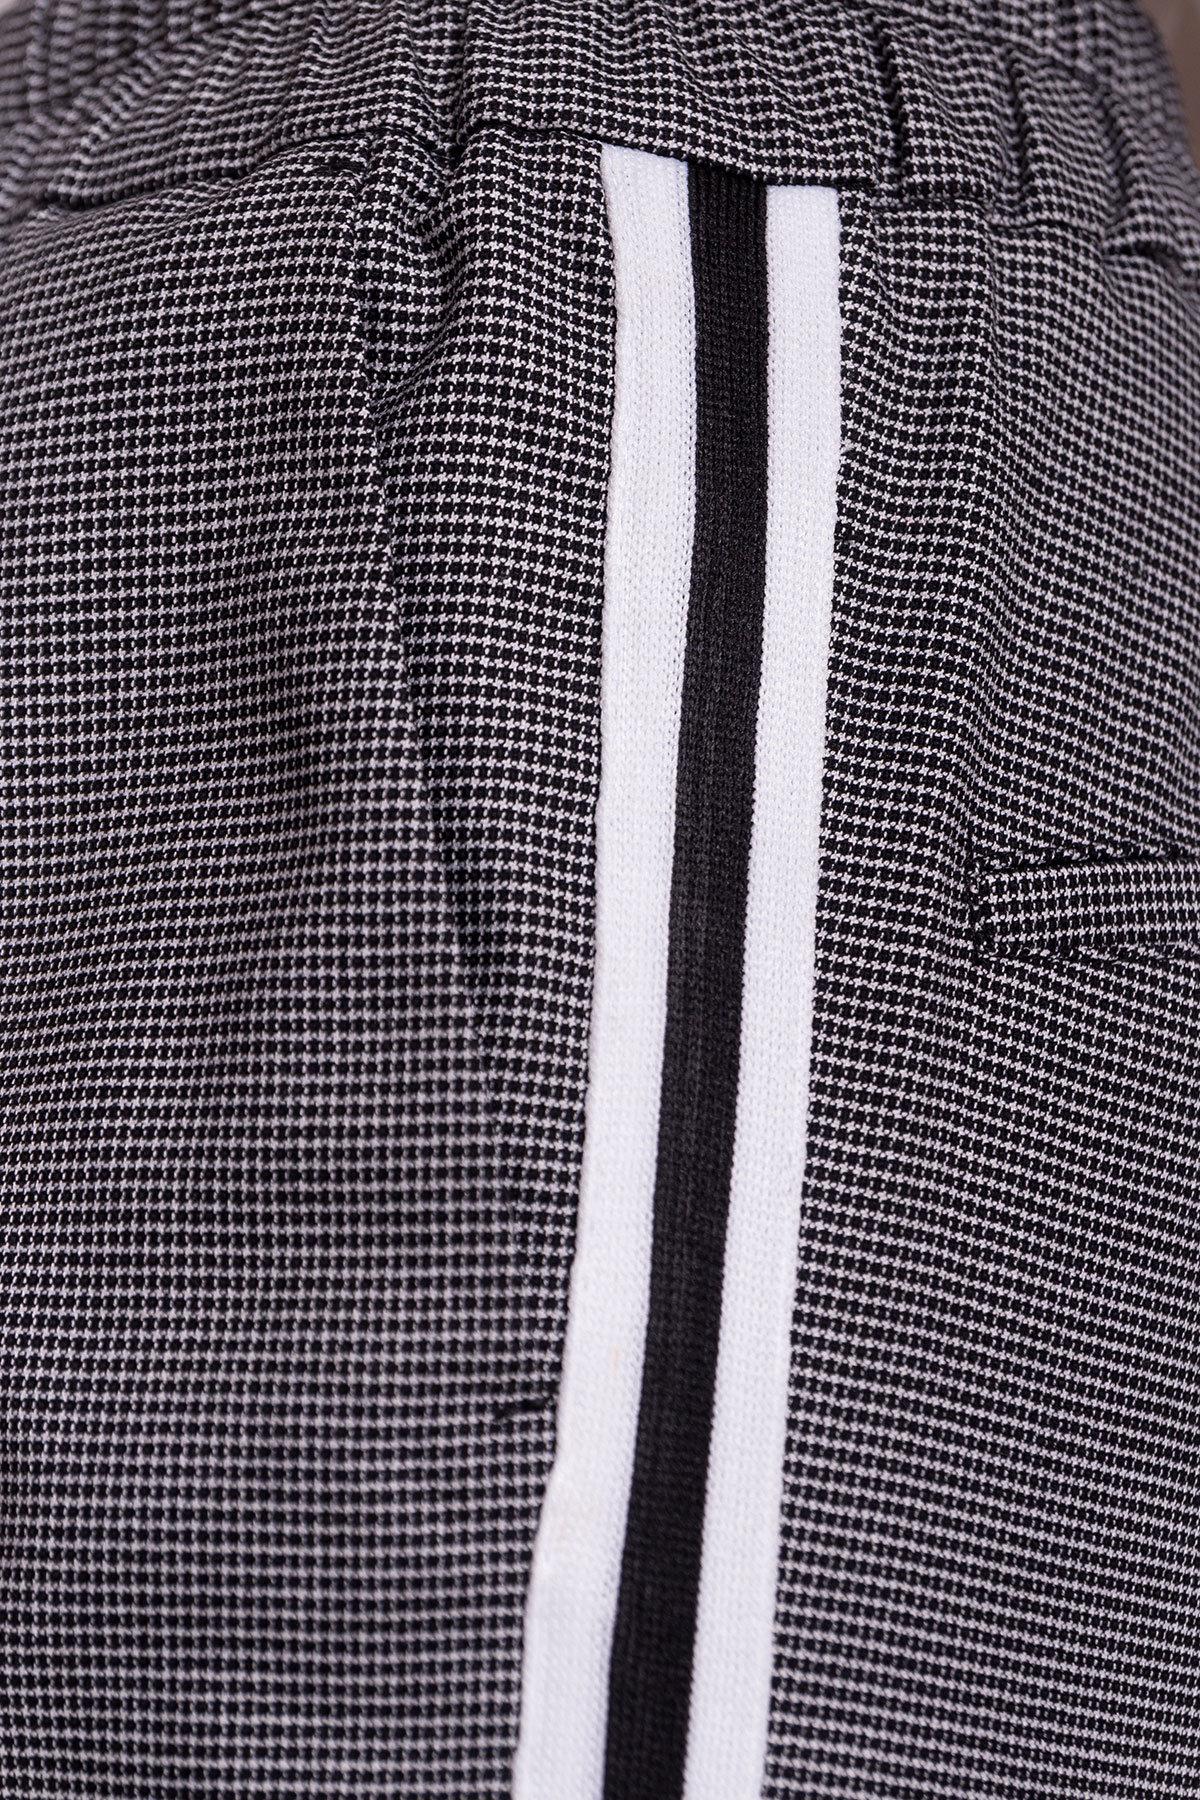 Брюки Джианни 4721 Цвет: Черный/белый клетка